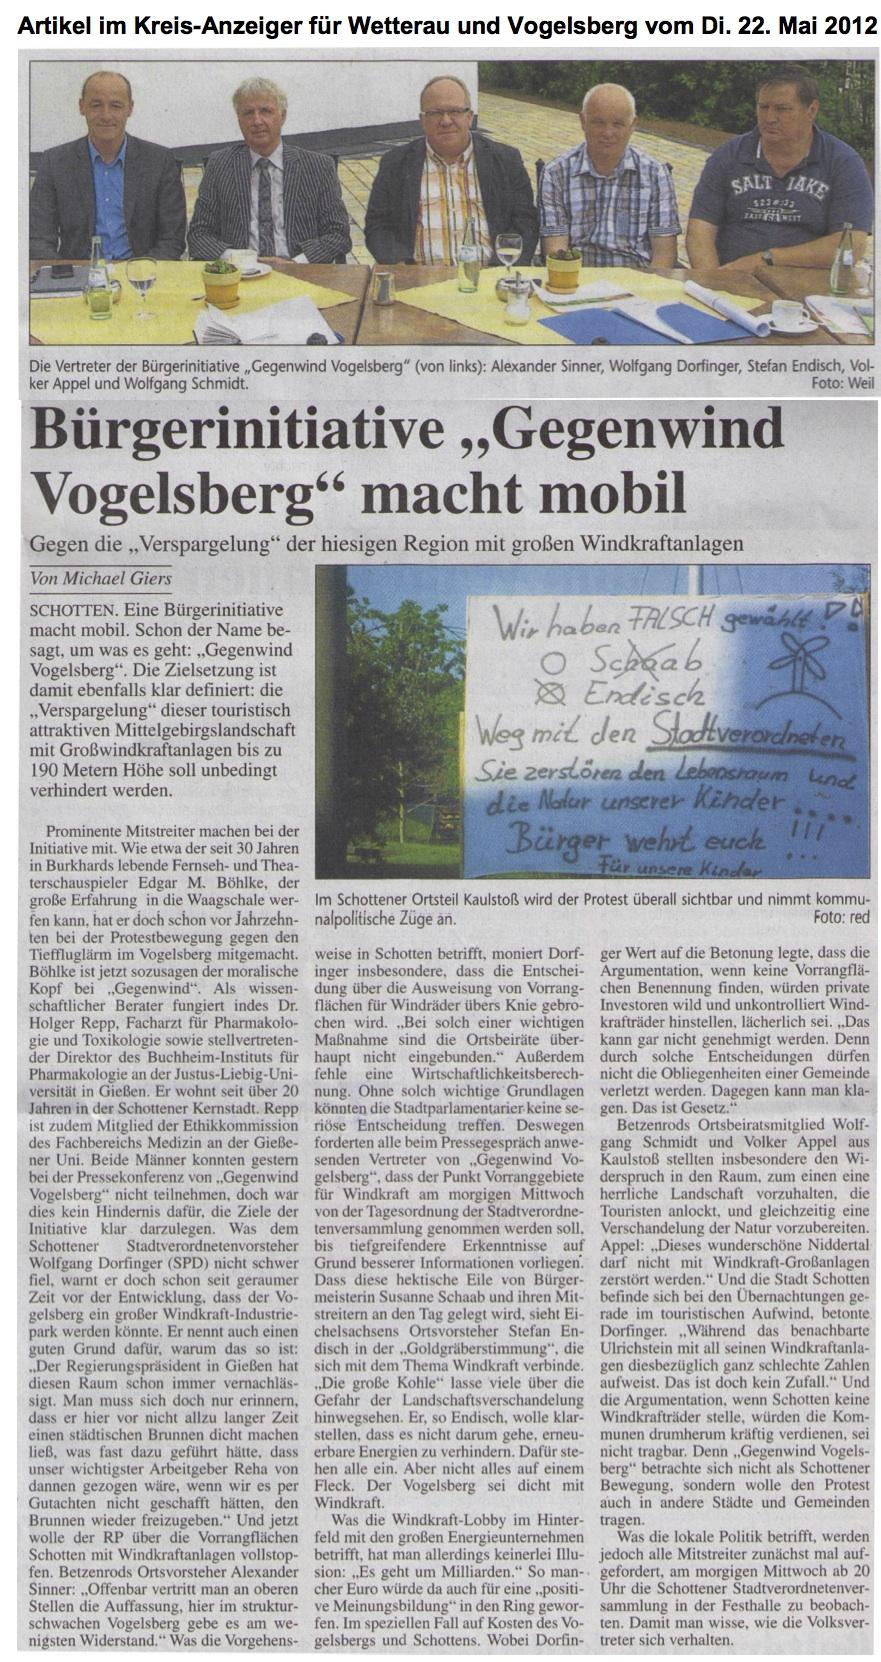 Gründung der BI GwVB um Windkraftpläne im Vogelsbergkreis zu stoppen